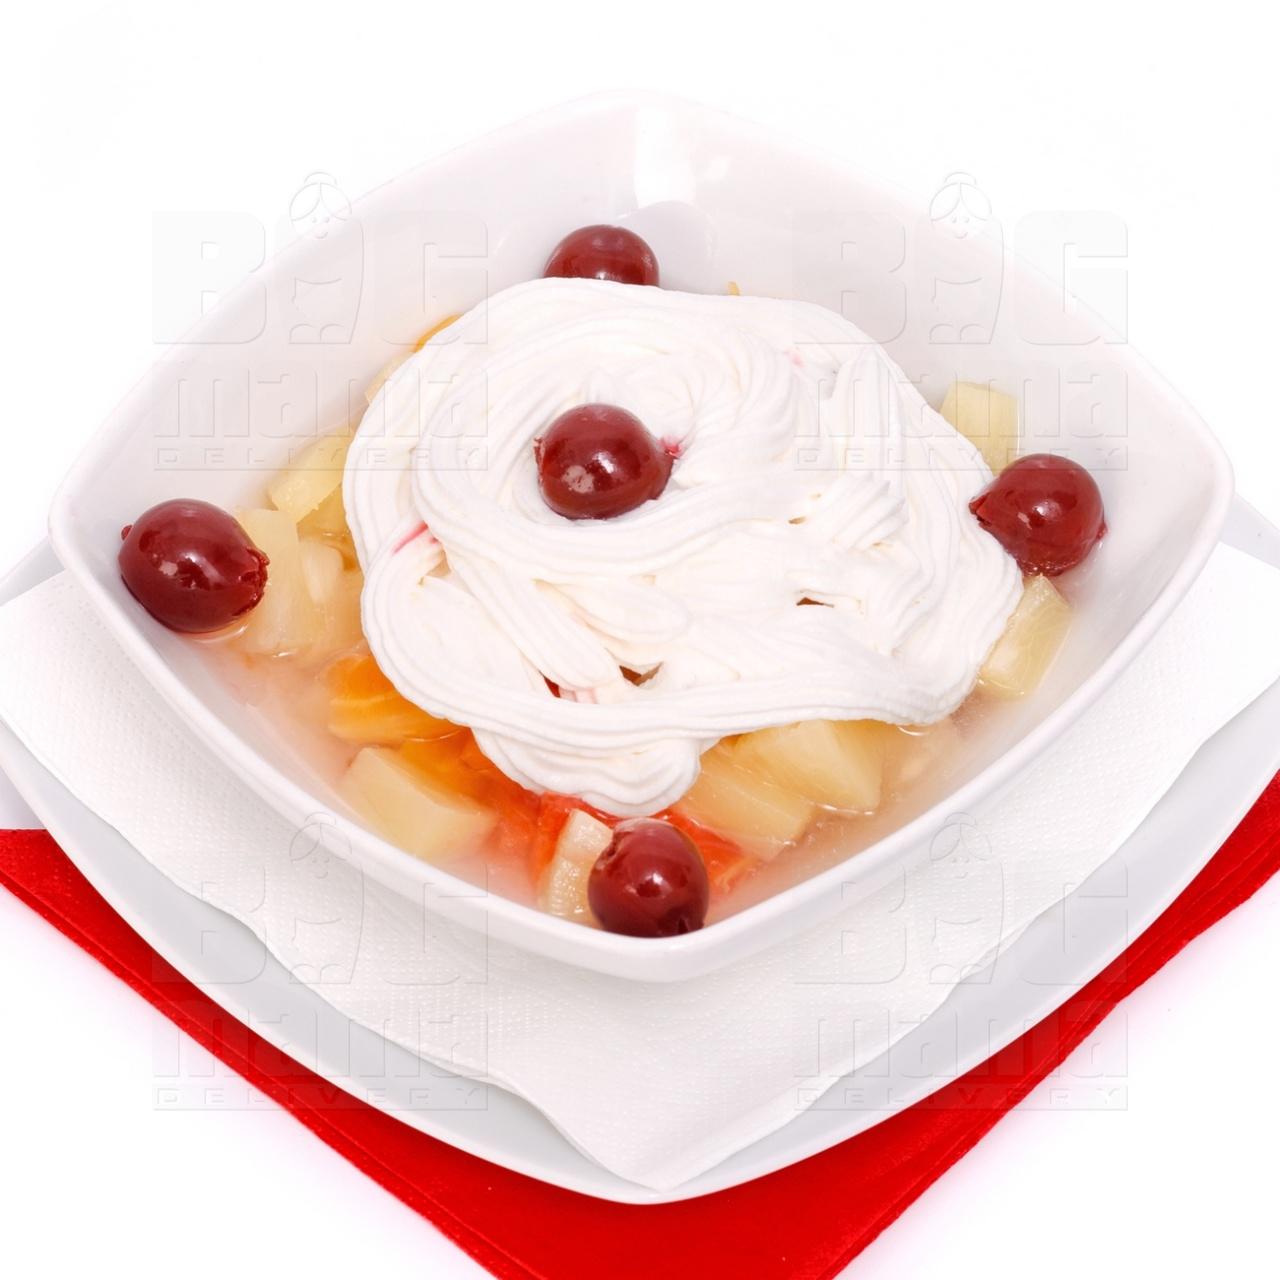 Product #81 image - Salată de fructe cu frişcă